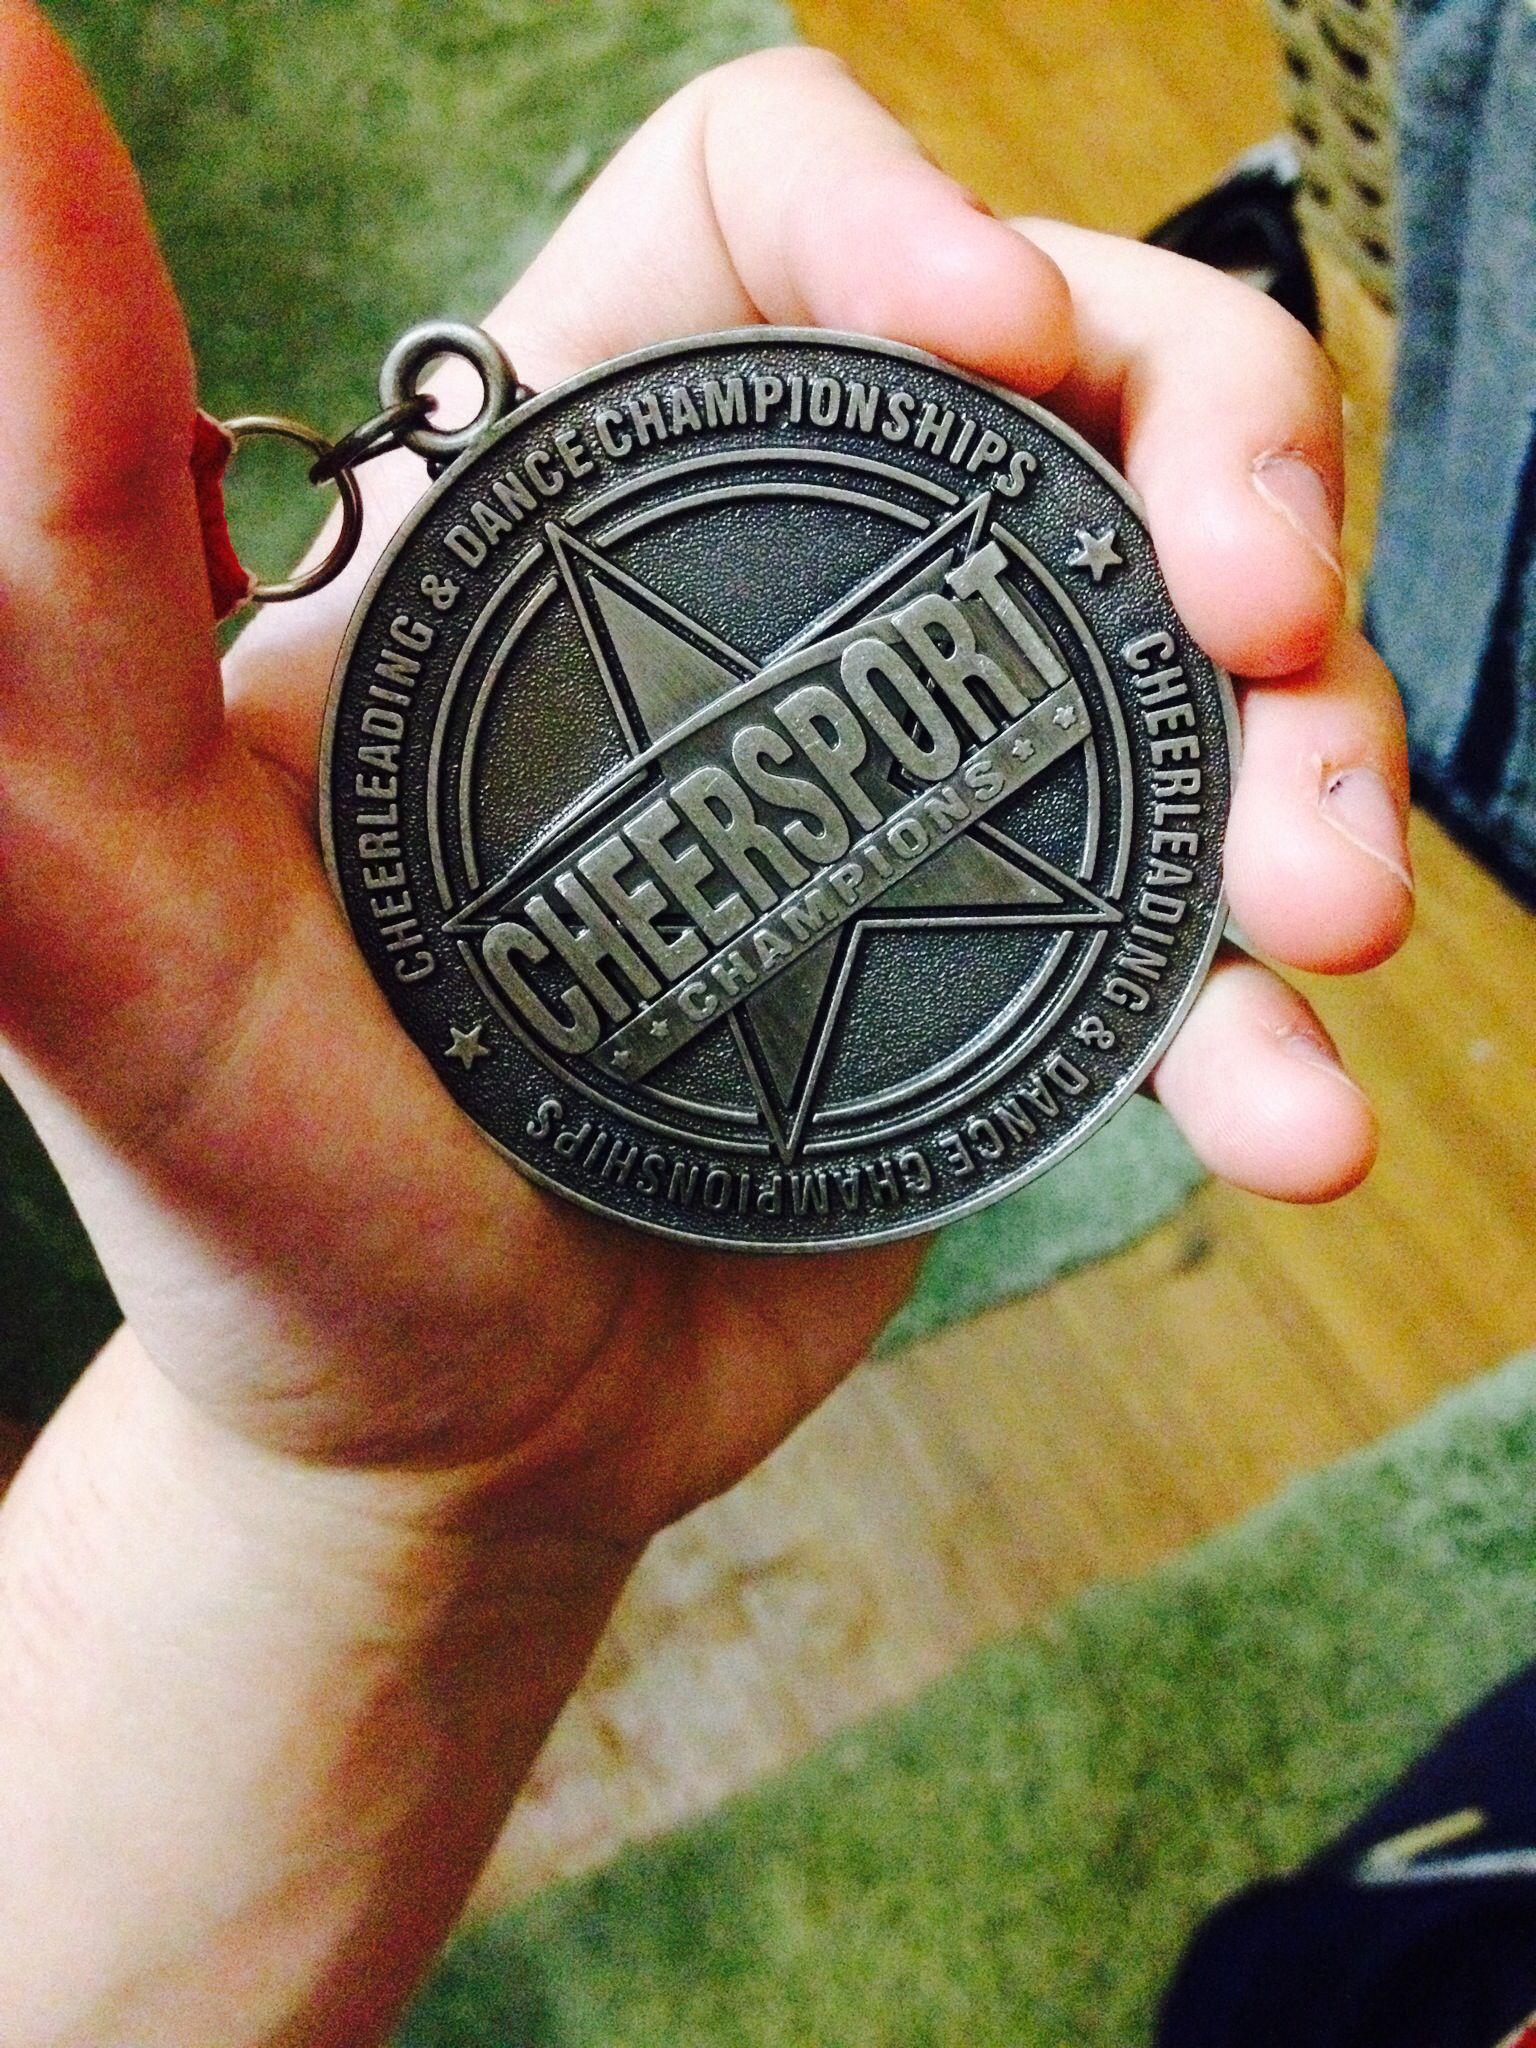 Cheersport Champion 2nd place #cheer #cheerleading